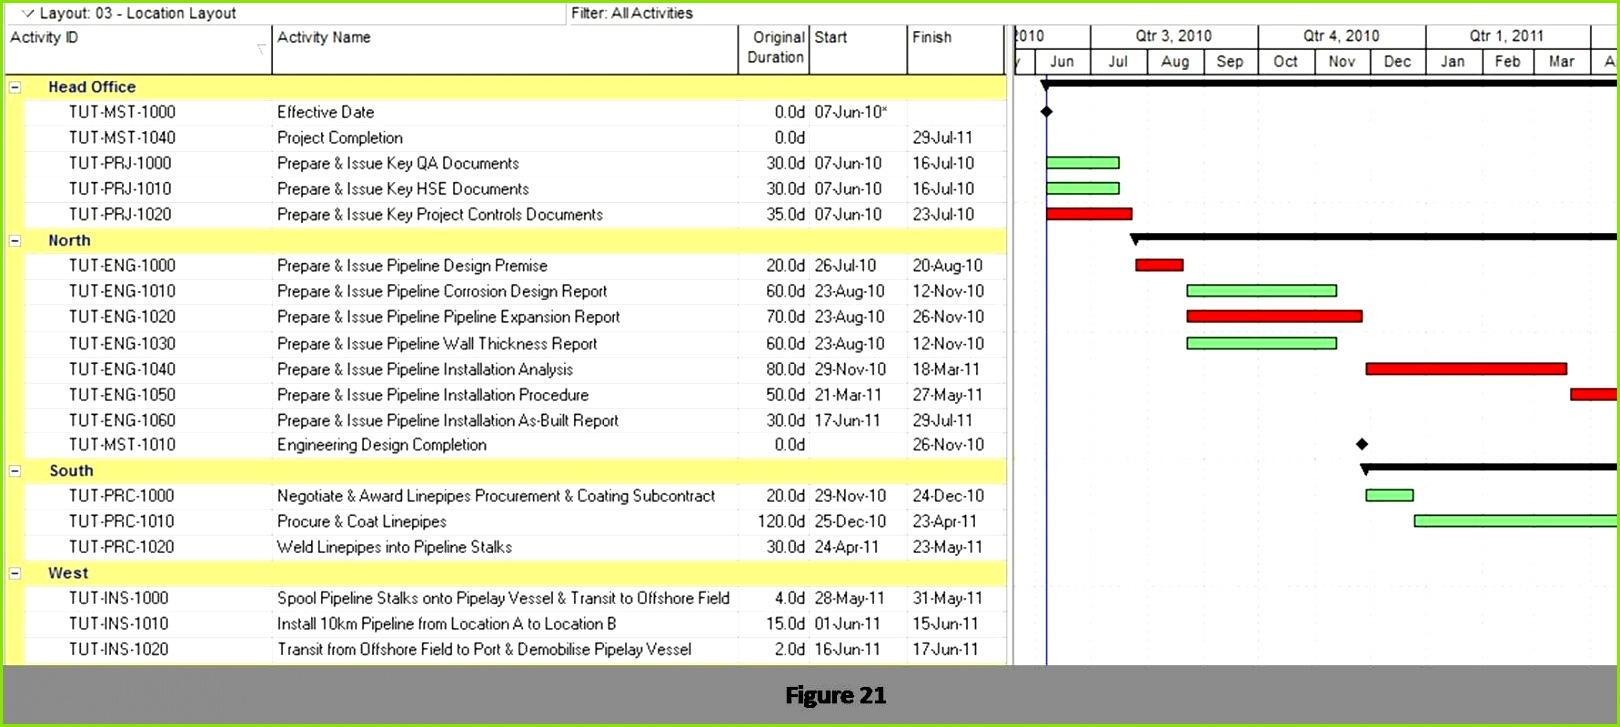 Excel Vorlagen Kassenbuch Die Besten Haushaltsbuch Führen Vorlage Inspiration 36 Detaillierte Excel Vorlagen Kassenbuch